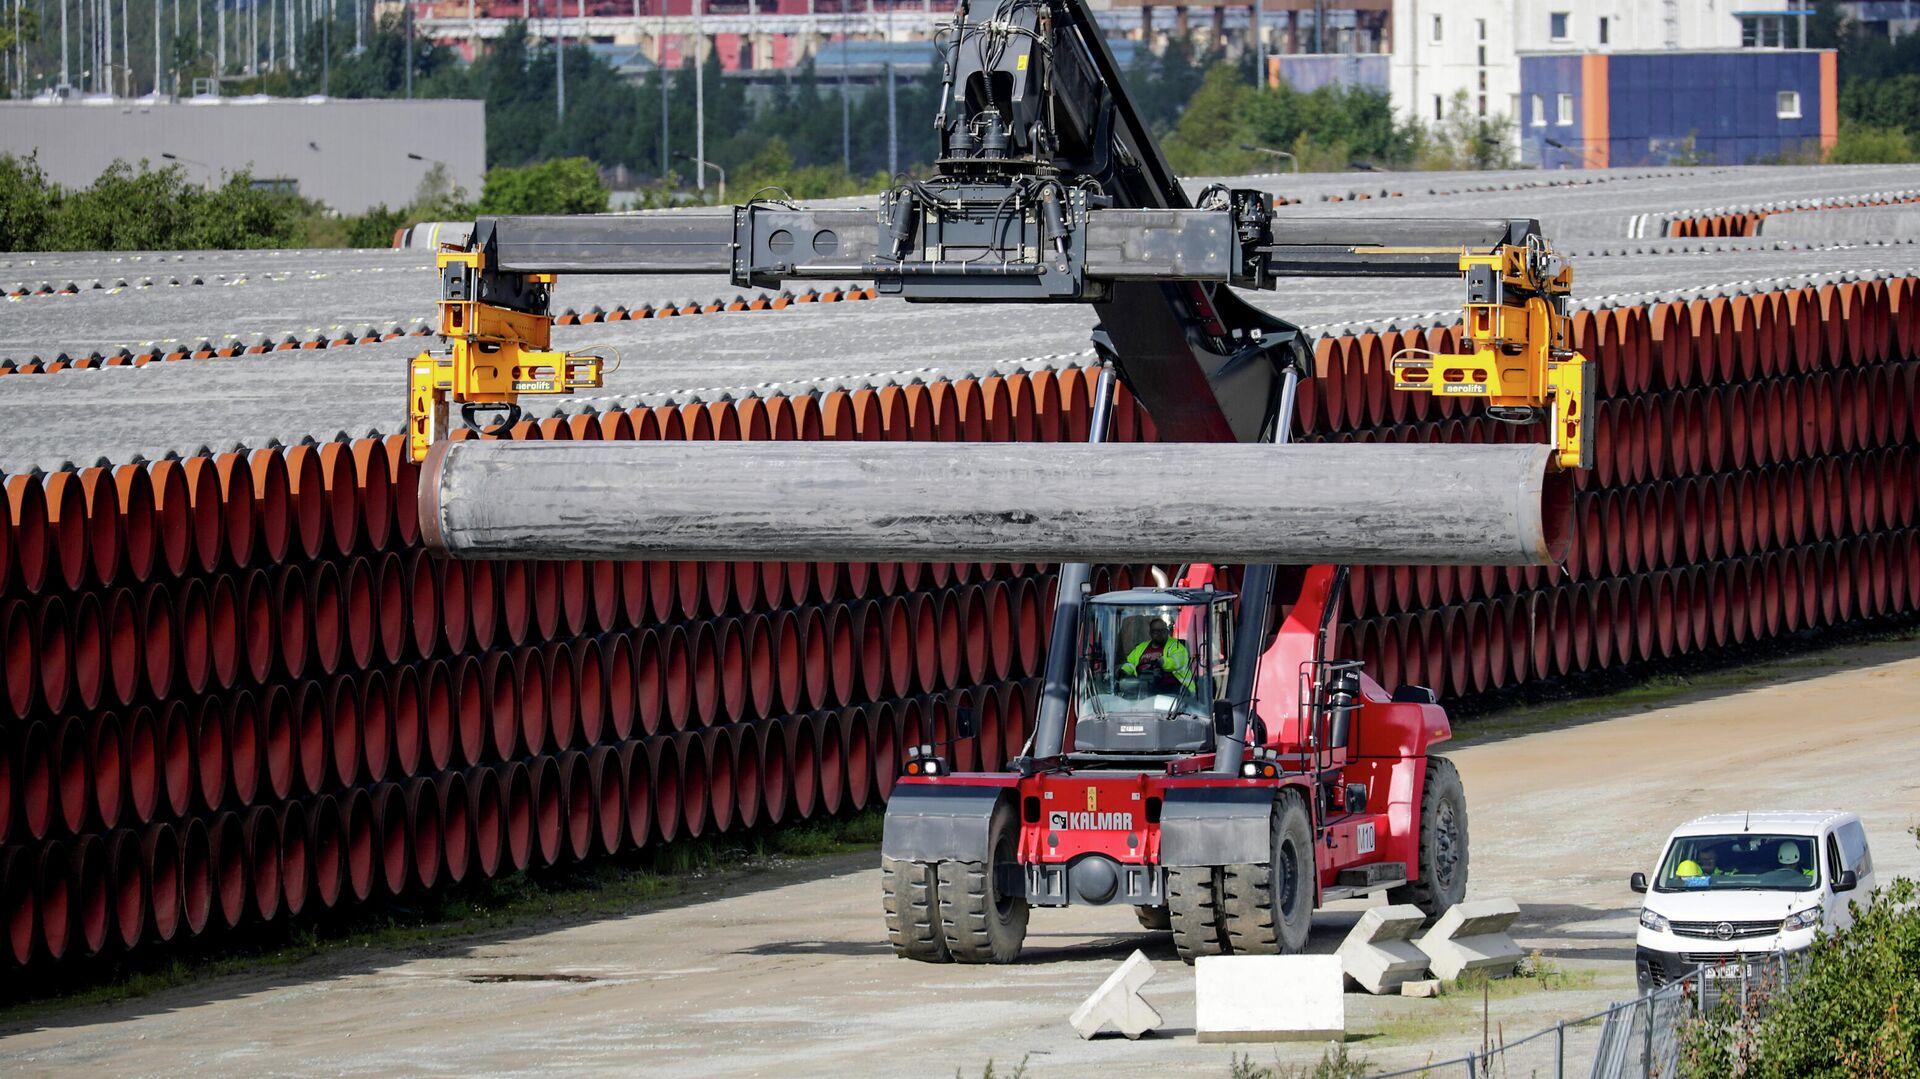 Трубы для строительства газопровода Nord Stream 2 на площадке в порту Мукран, Германия - РИА Новости, 1920, 21.09.2020